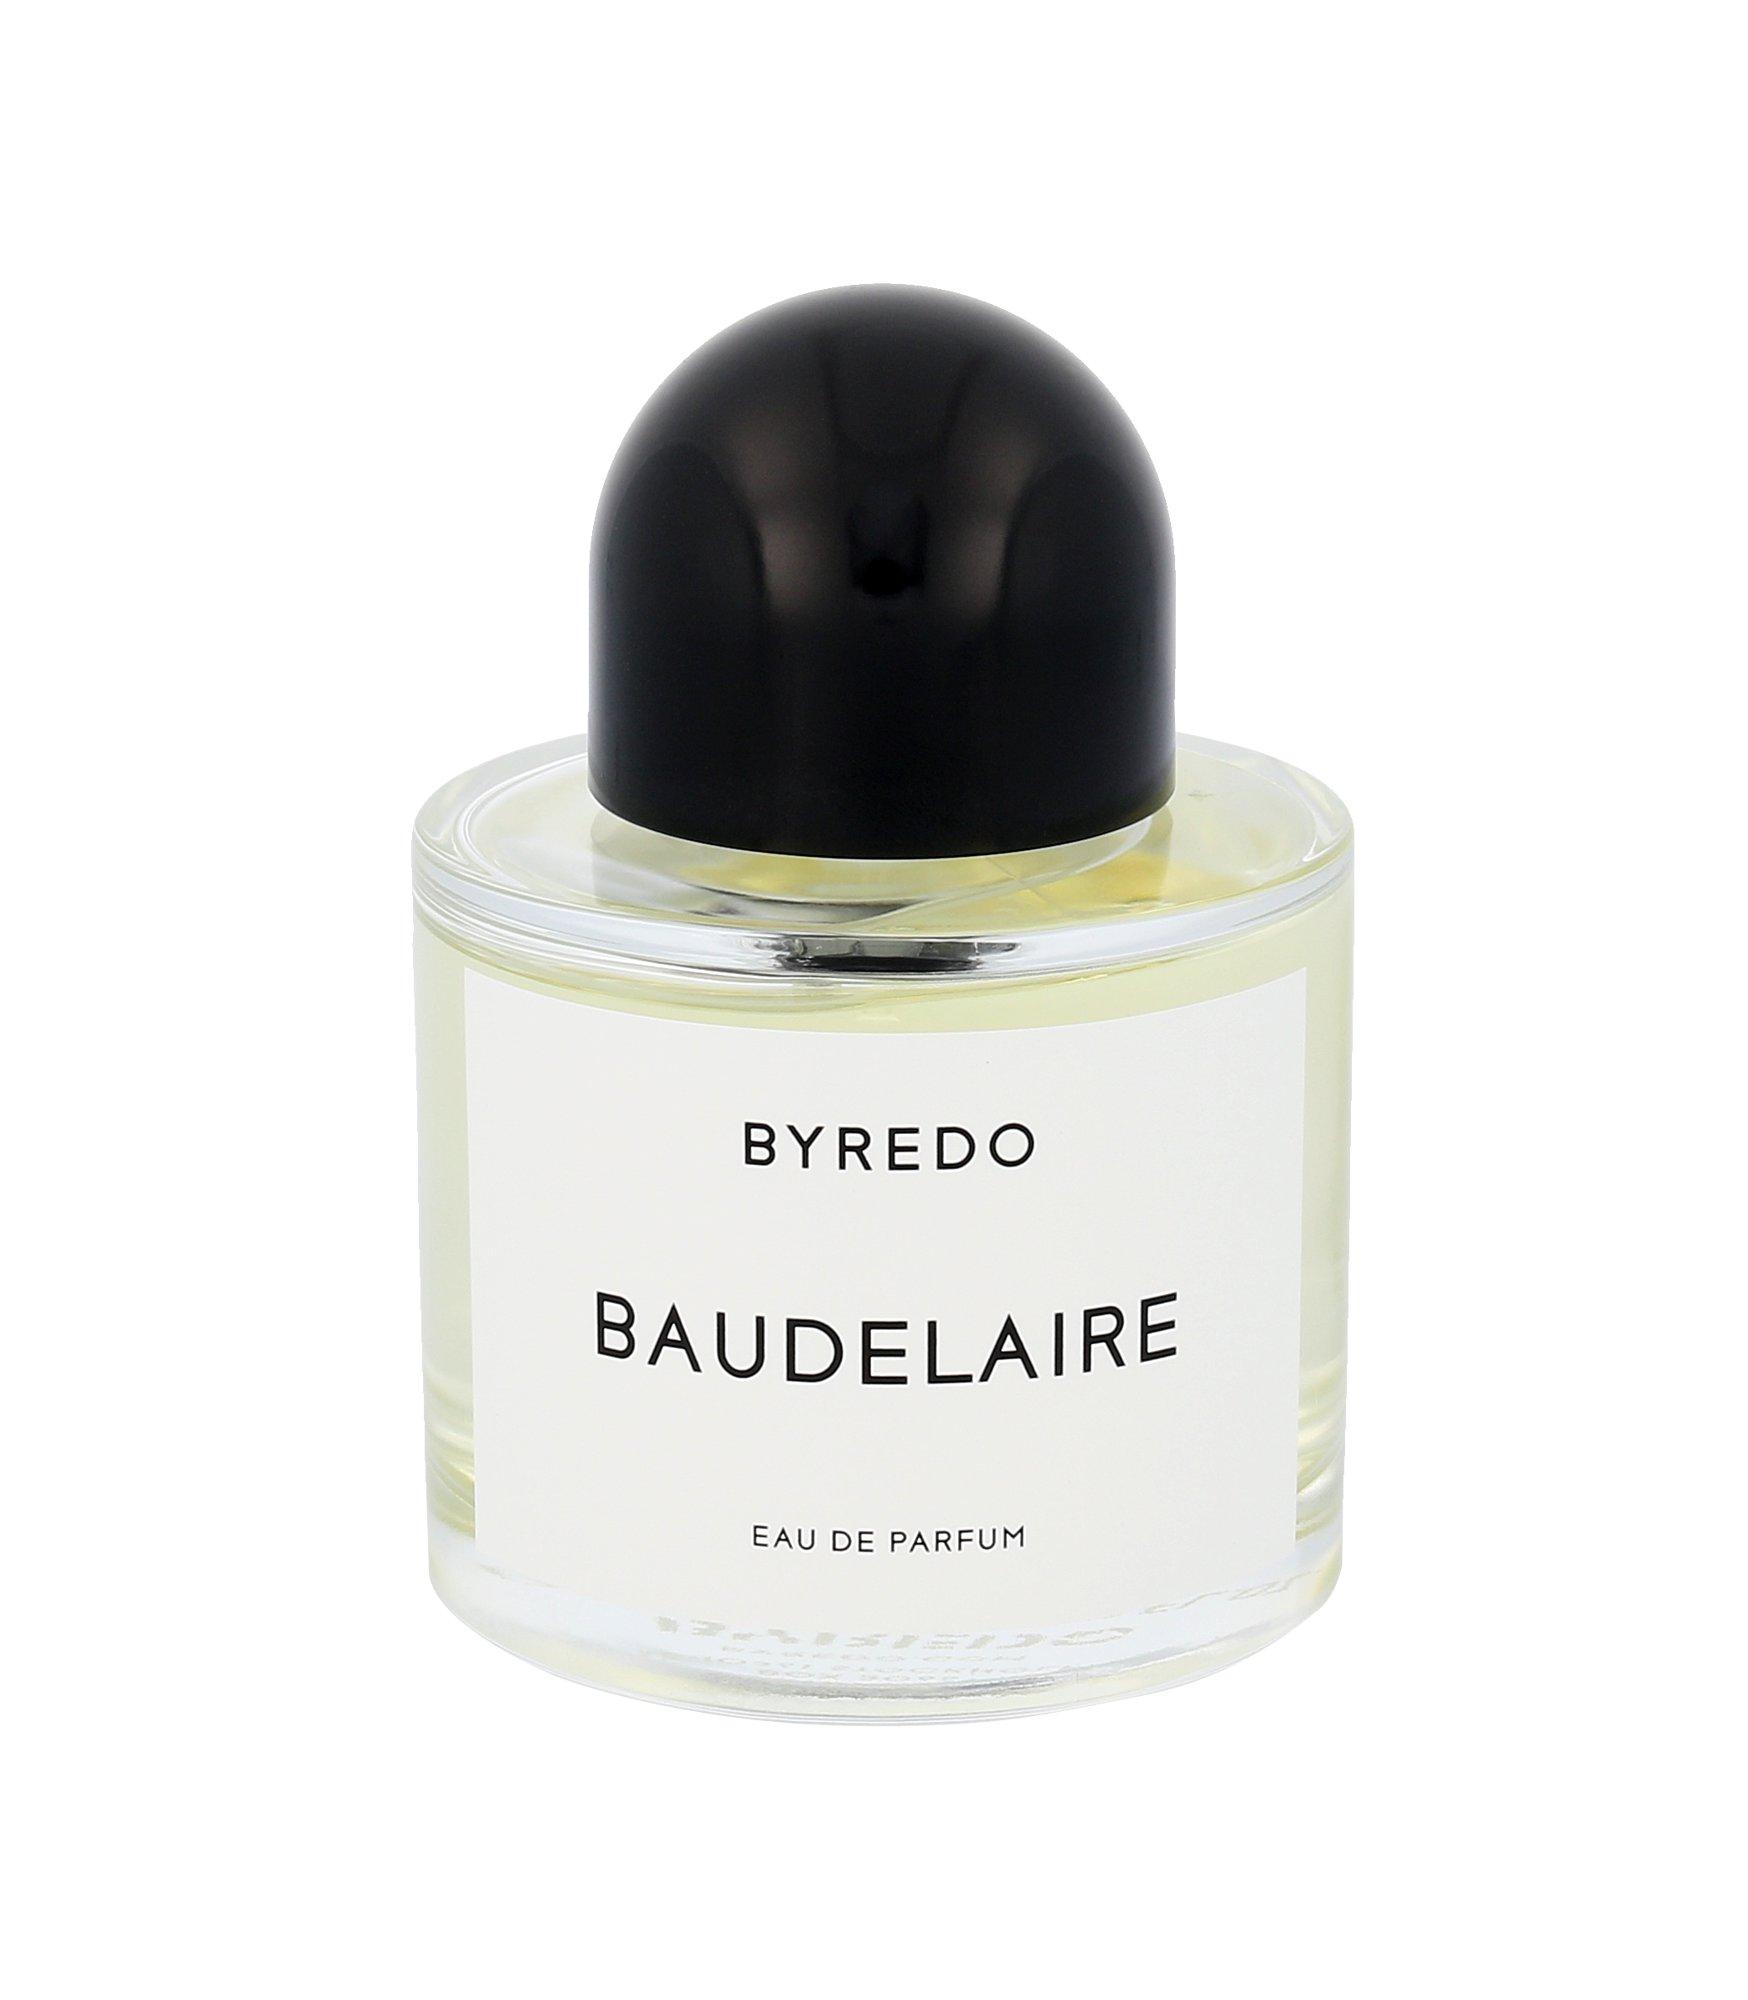 BYREDO Baudelaire, edp 100ml